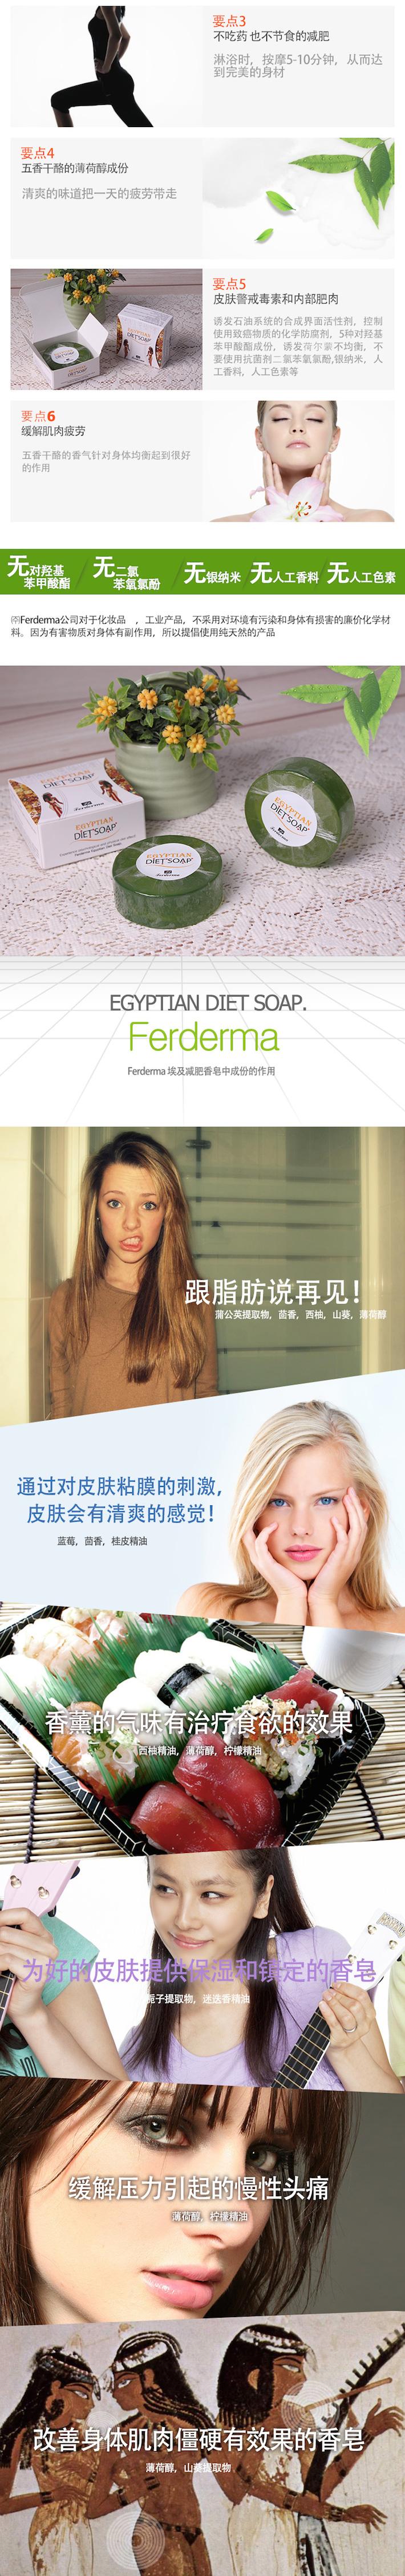 02_상세페이지4-중국어.jpg